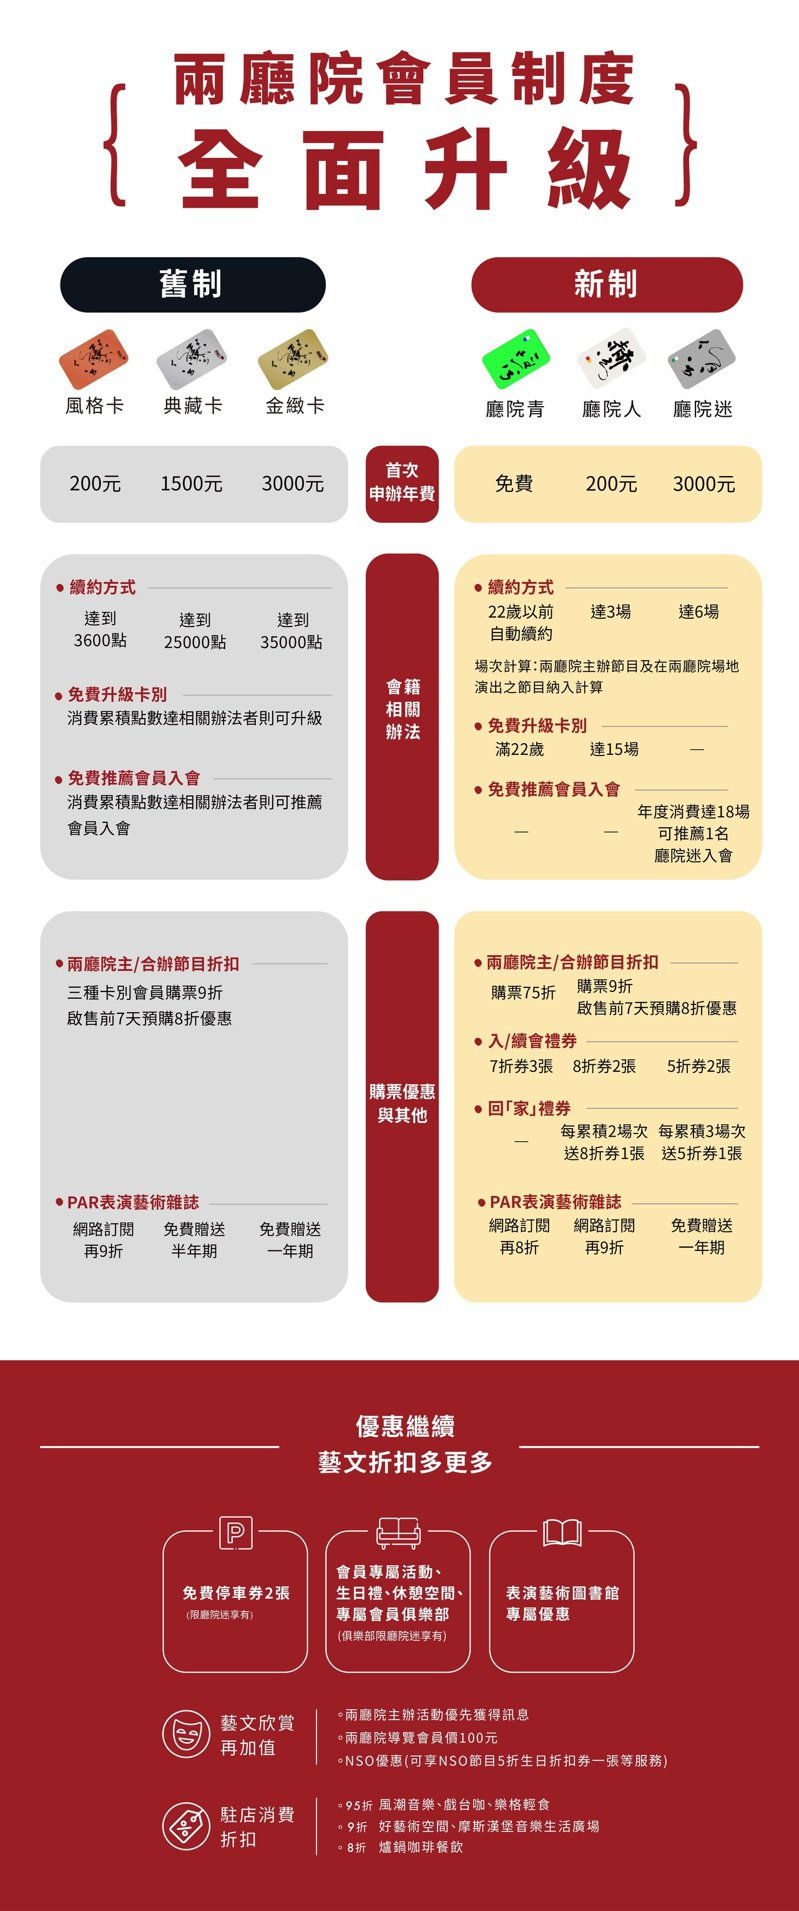 兩廳院會員制度比較表。圖/兩廳院提供